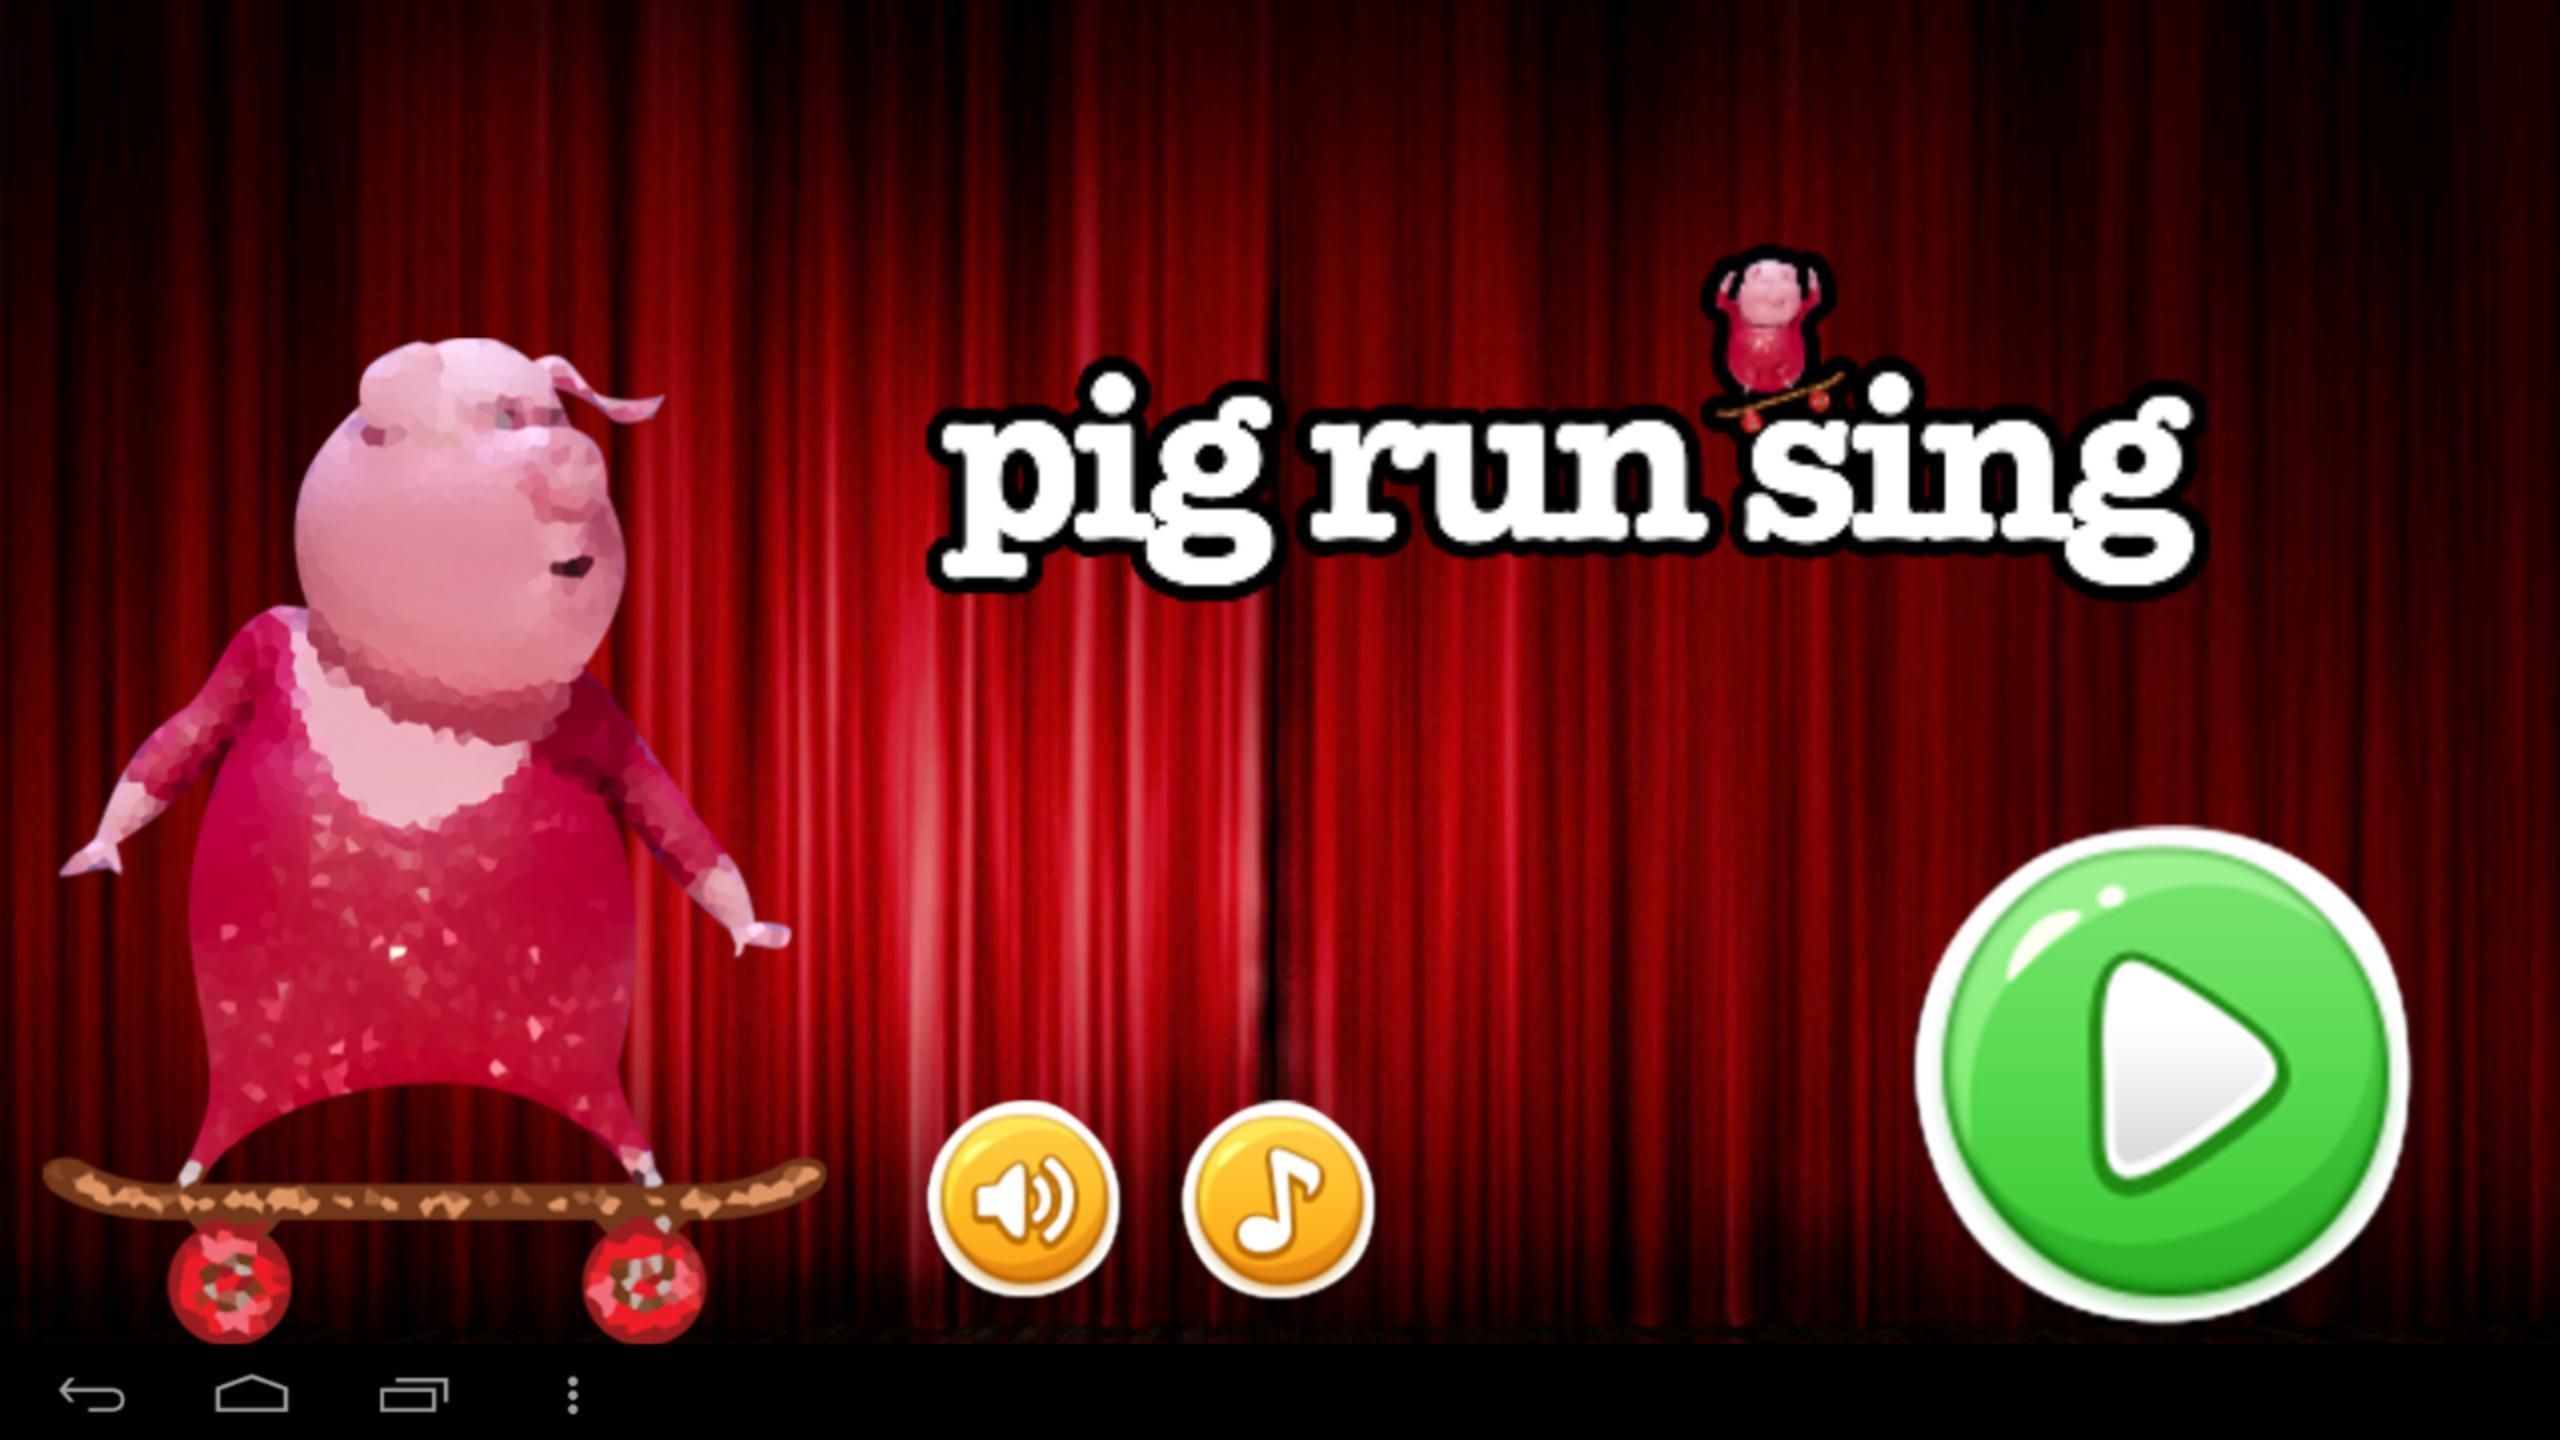 sing game run pig poster